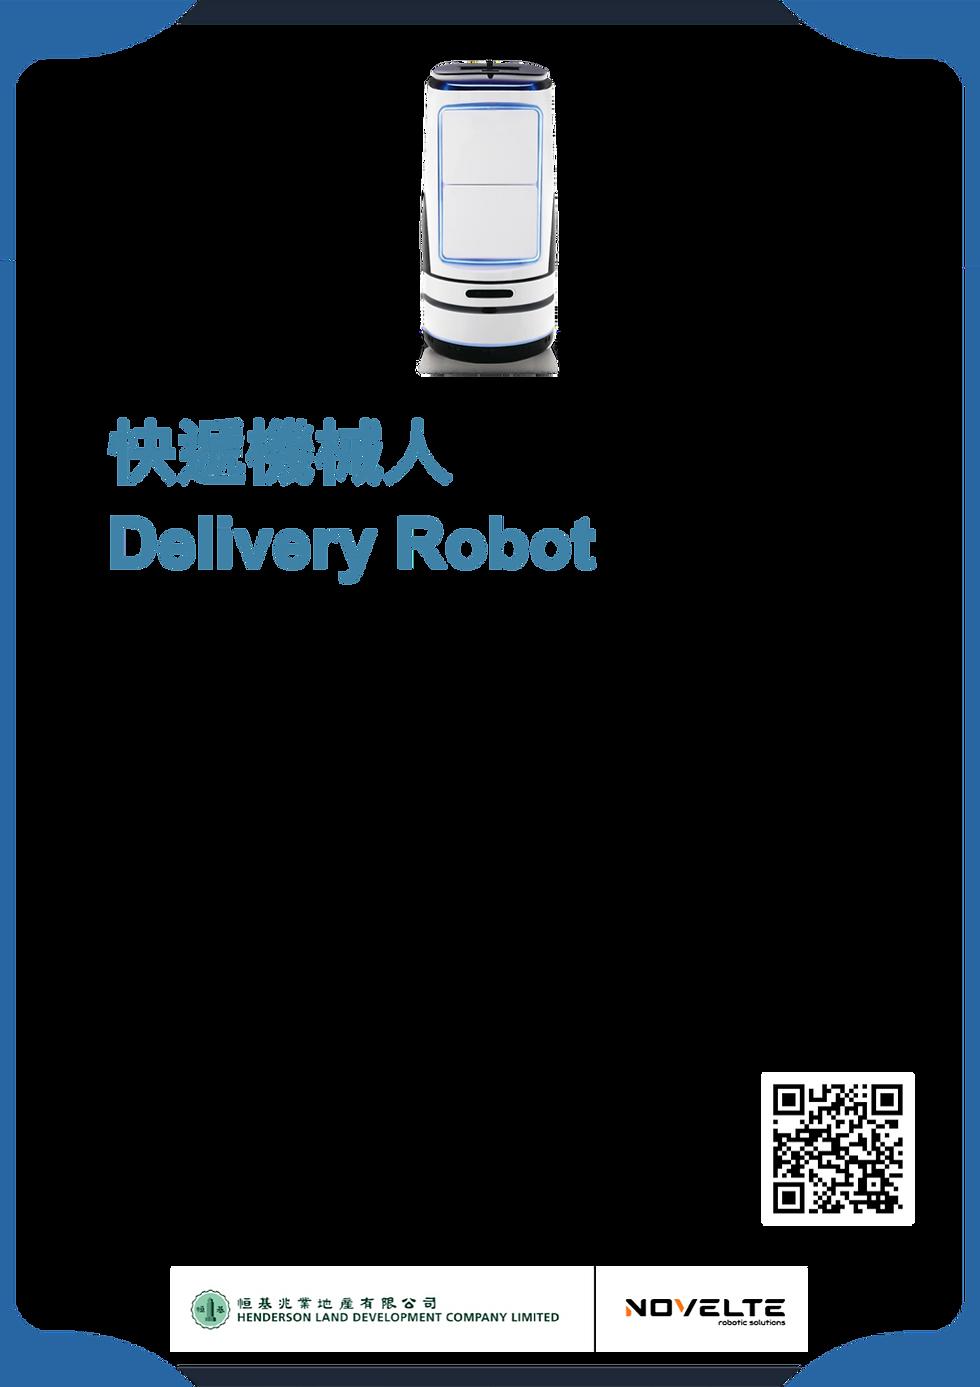 Henderson_DeliveryRobot.png